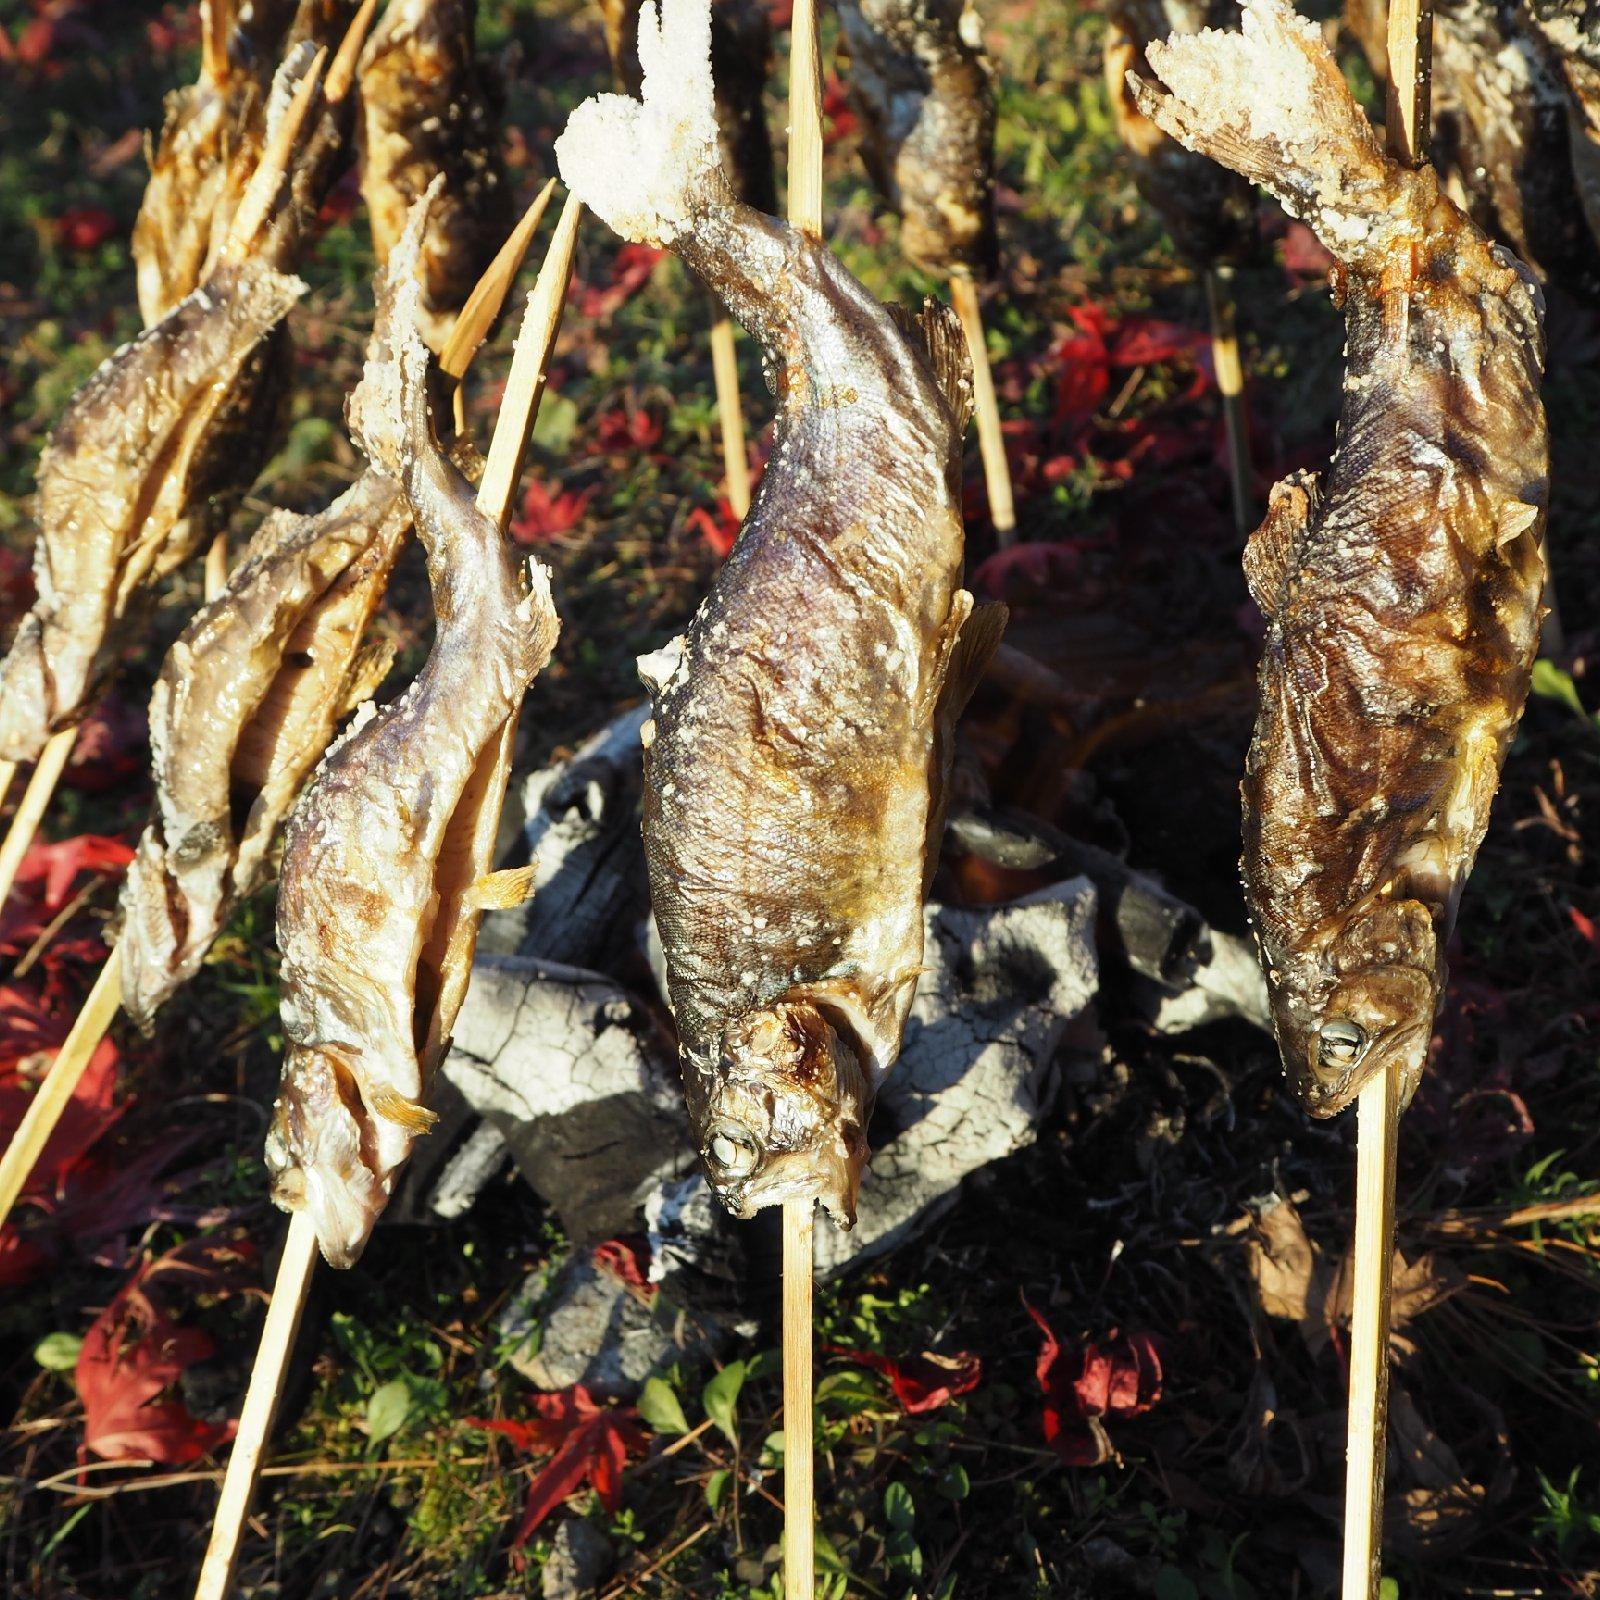 [虹鱒 ]ニジマス 12尾入 (19cmサイズ)冷凍 12尾 魚介類/川魚通販